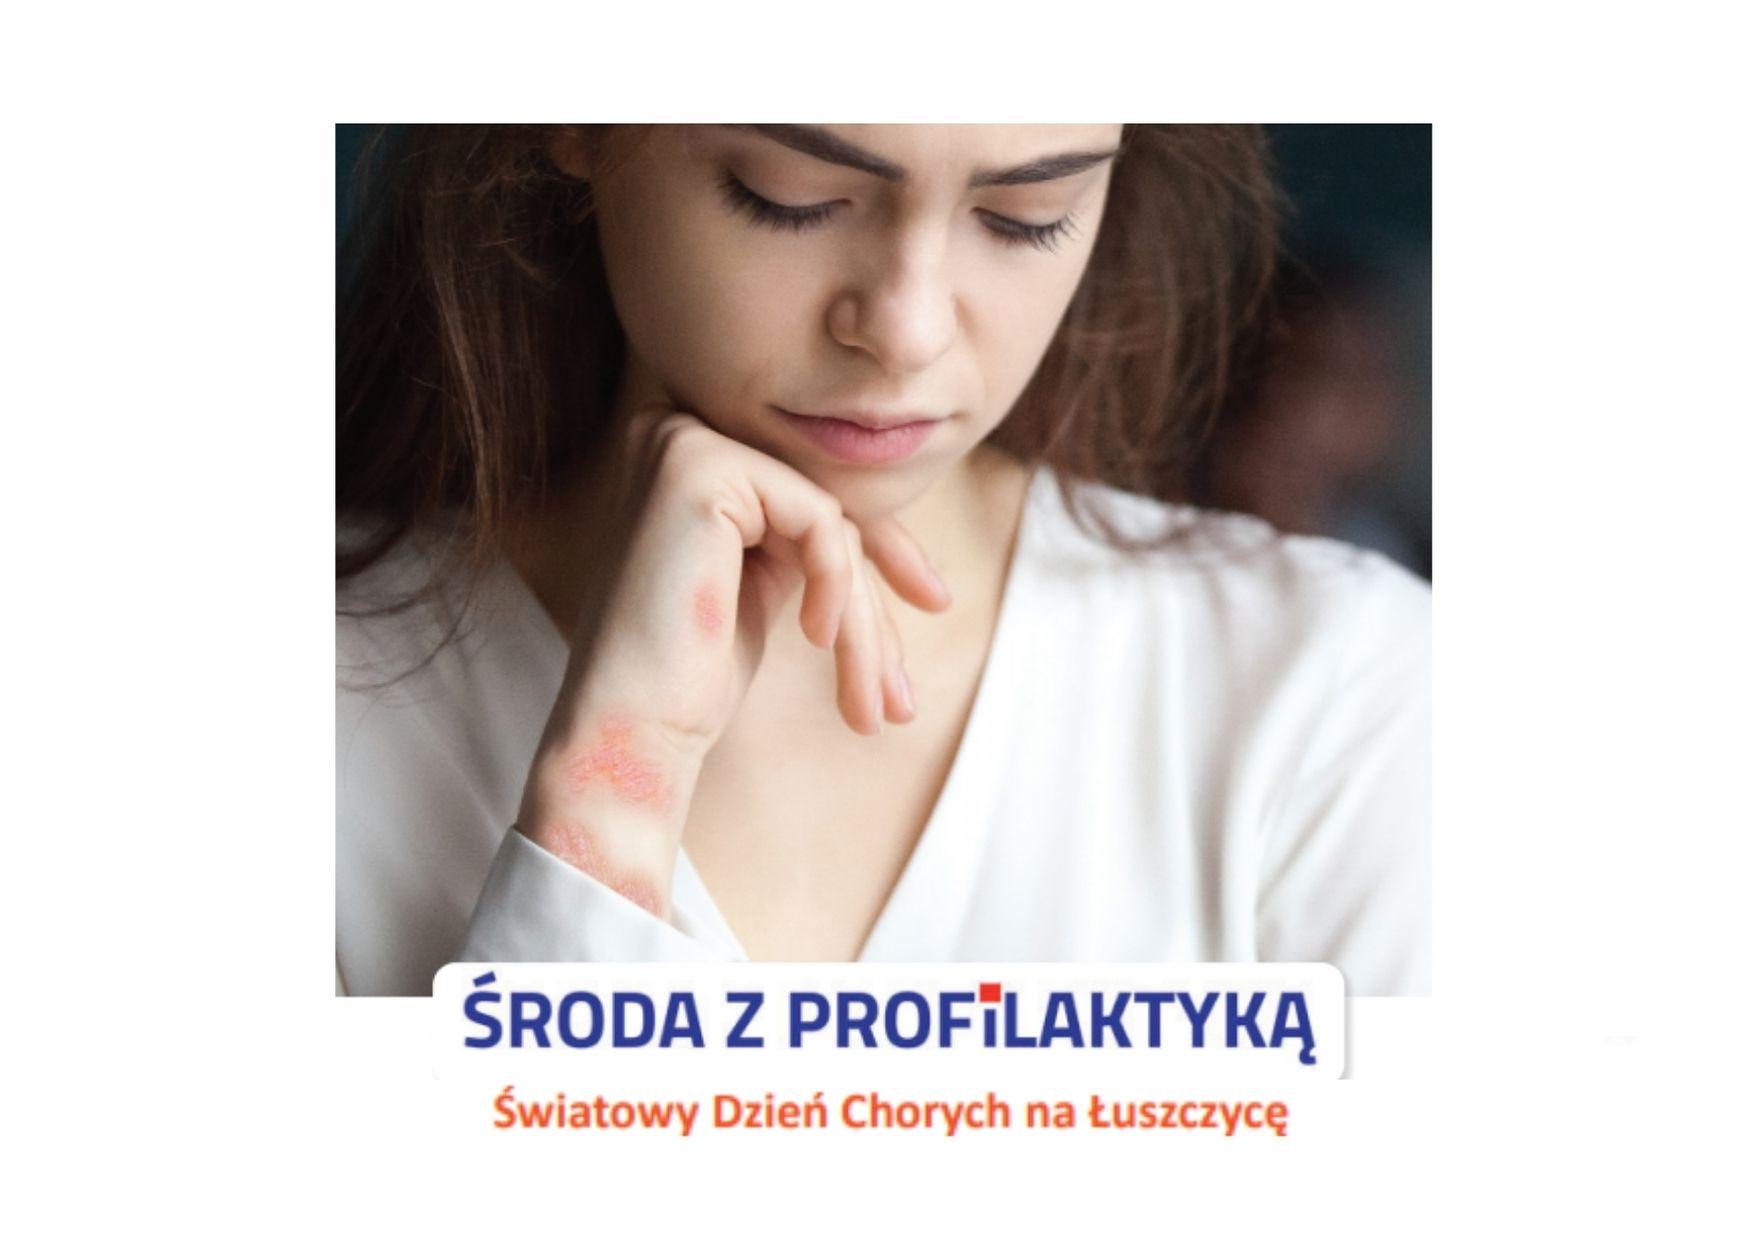 Ilustracja do informacji: Środa z profilaktyką - Światowy Dzień Chorych na Łuszczycę